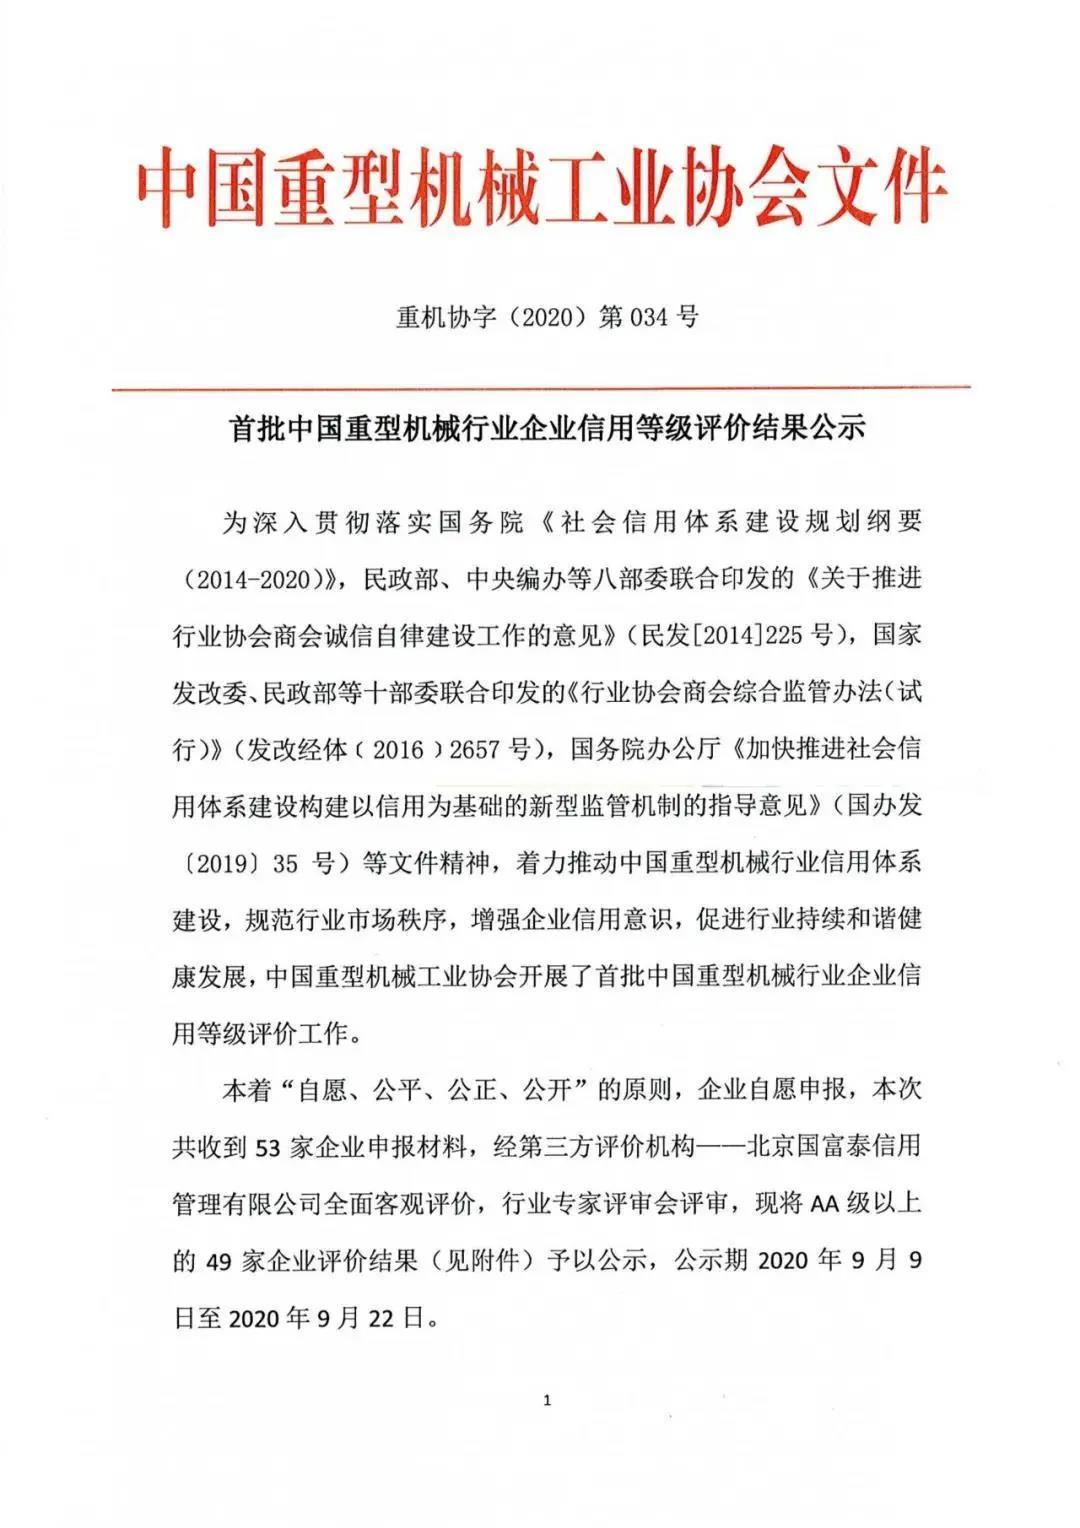 """恭贺kok体育官方app下载股份获评""""首批中国重型机械行业企业信用等级AAA级企业"""""""